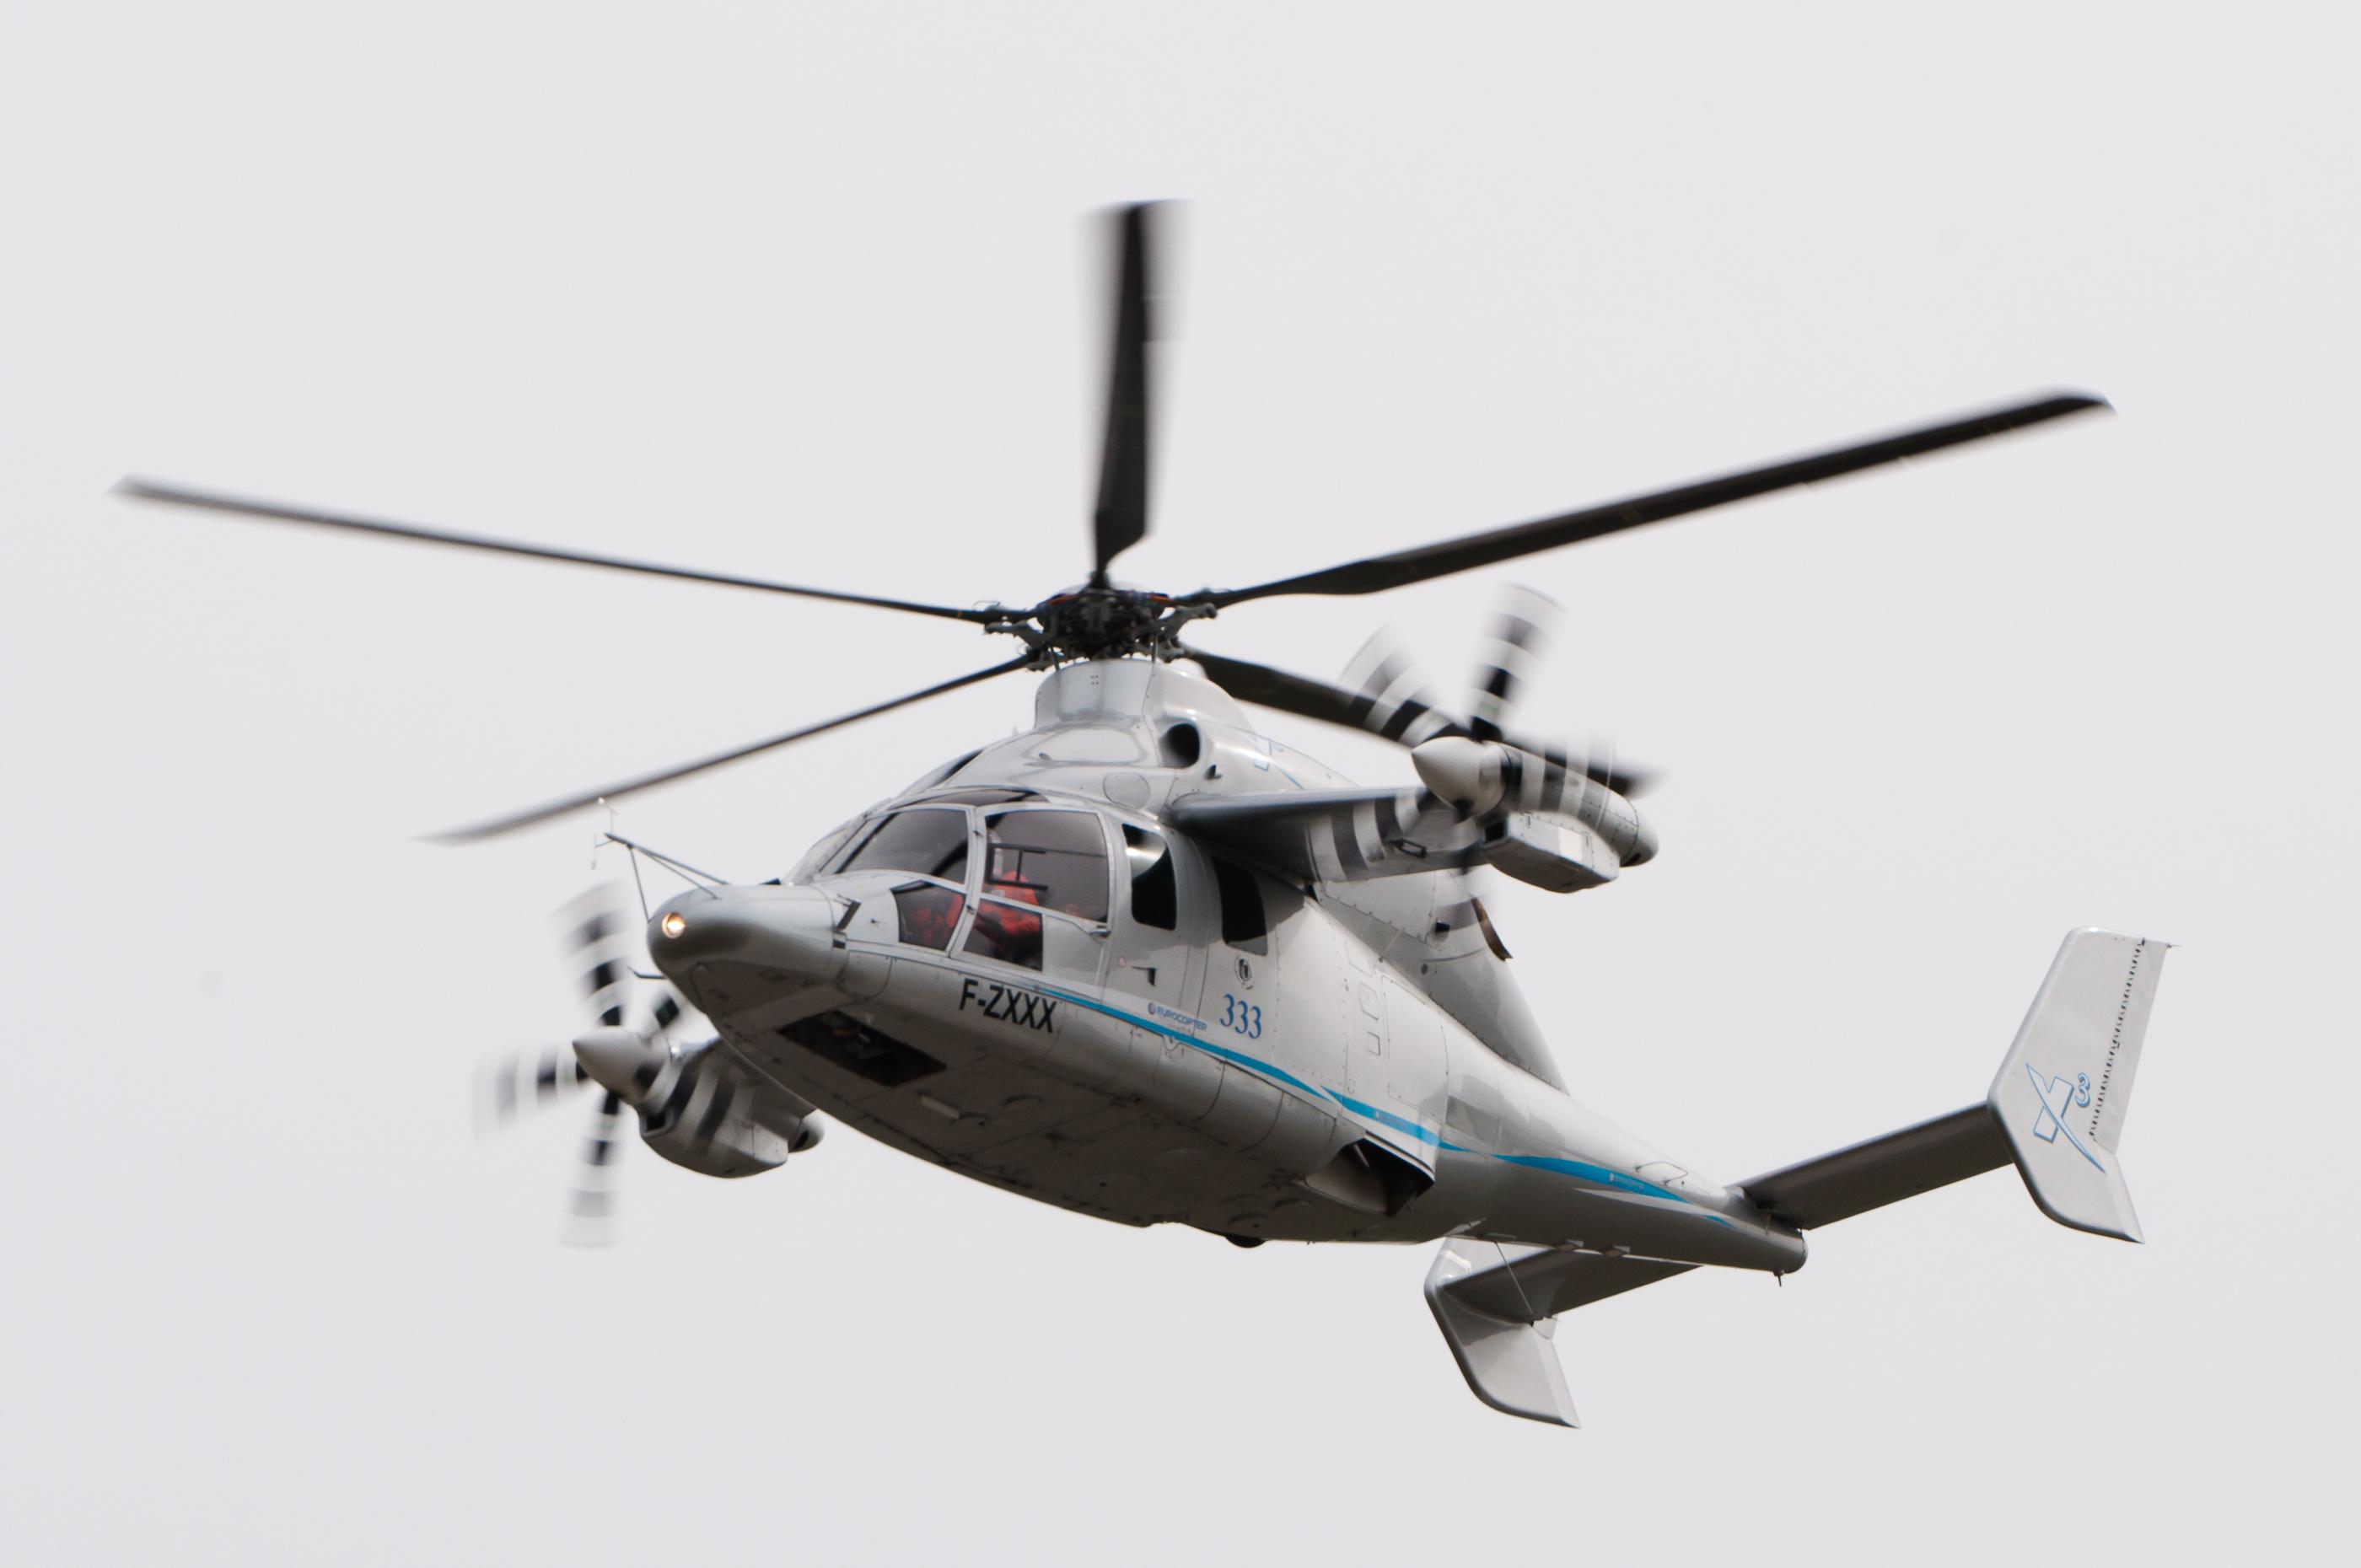 File:Eurocopter X3 F-ZXXX ILA 2012 2.jpg - Wikimedia Commons